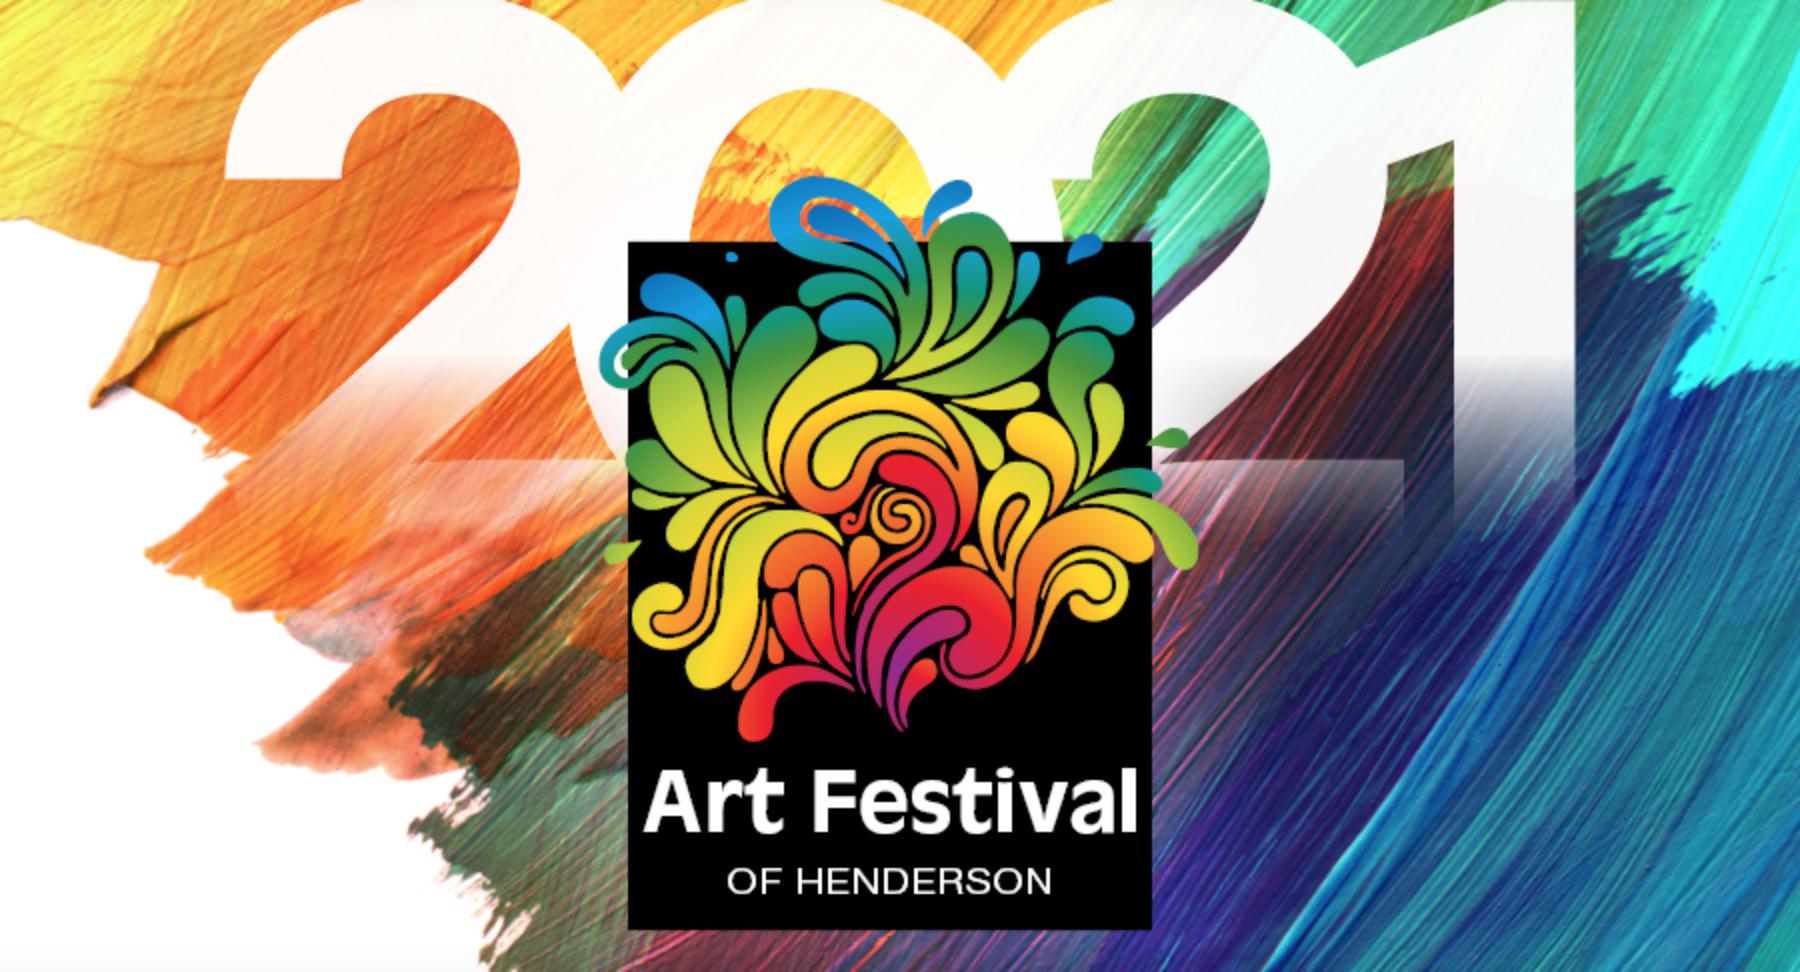 Art Festival of Henderson 2021